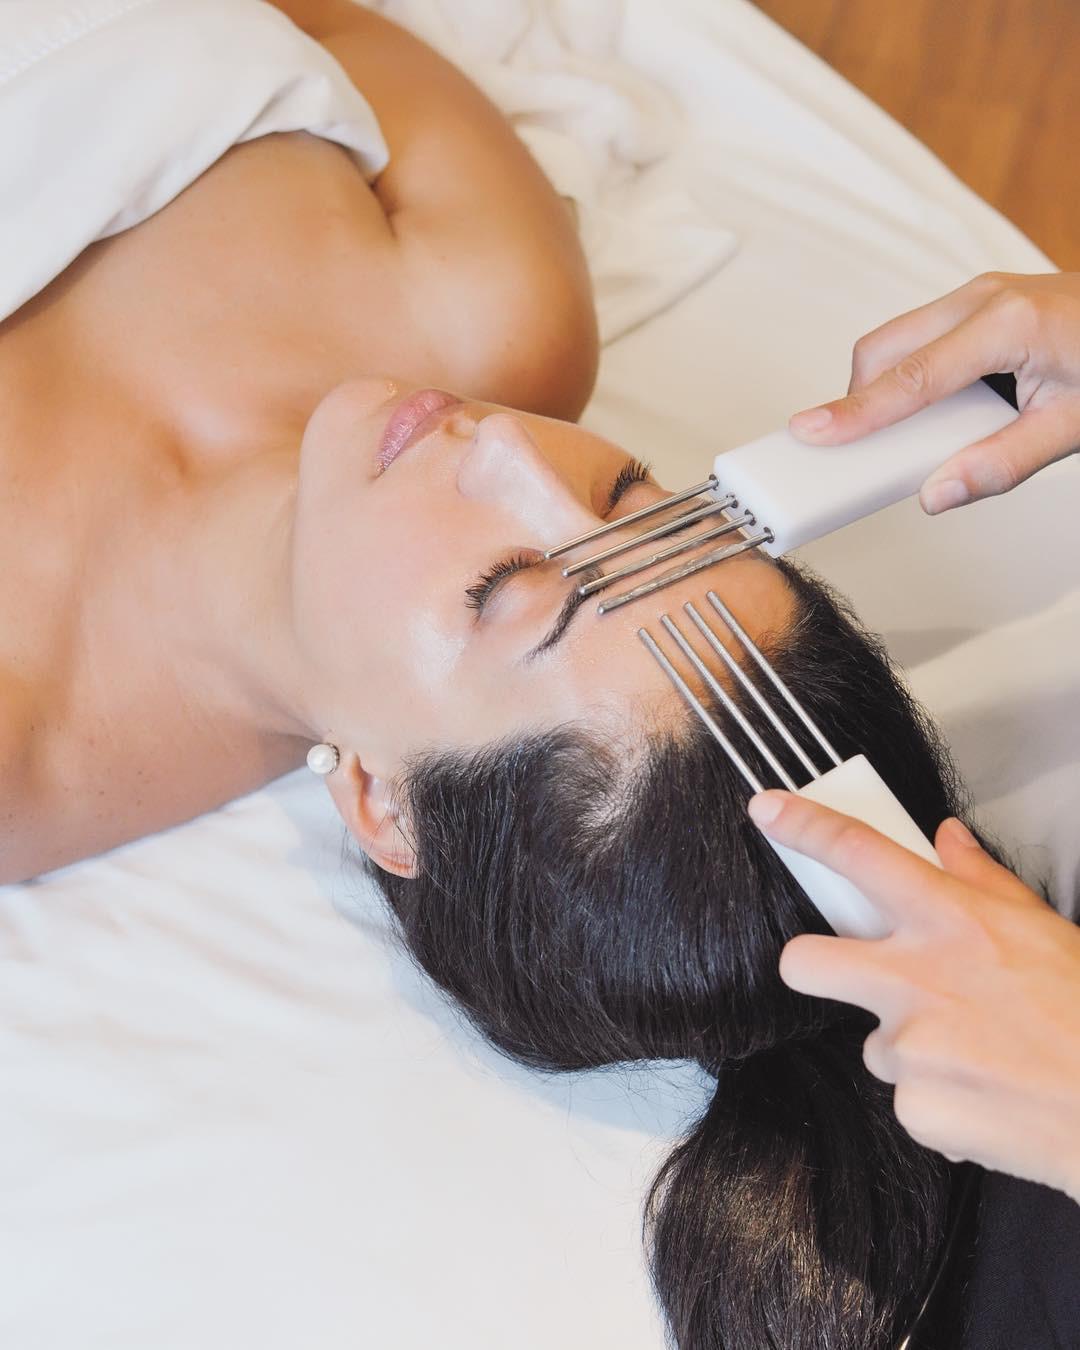 Phương pháp massage mặt bằng dòng điện này sẽ giúp làn da khỏe đẹp bất chấp tuổi tác - Ảnh 1.